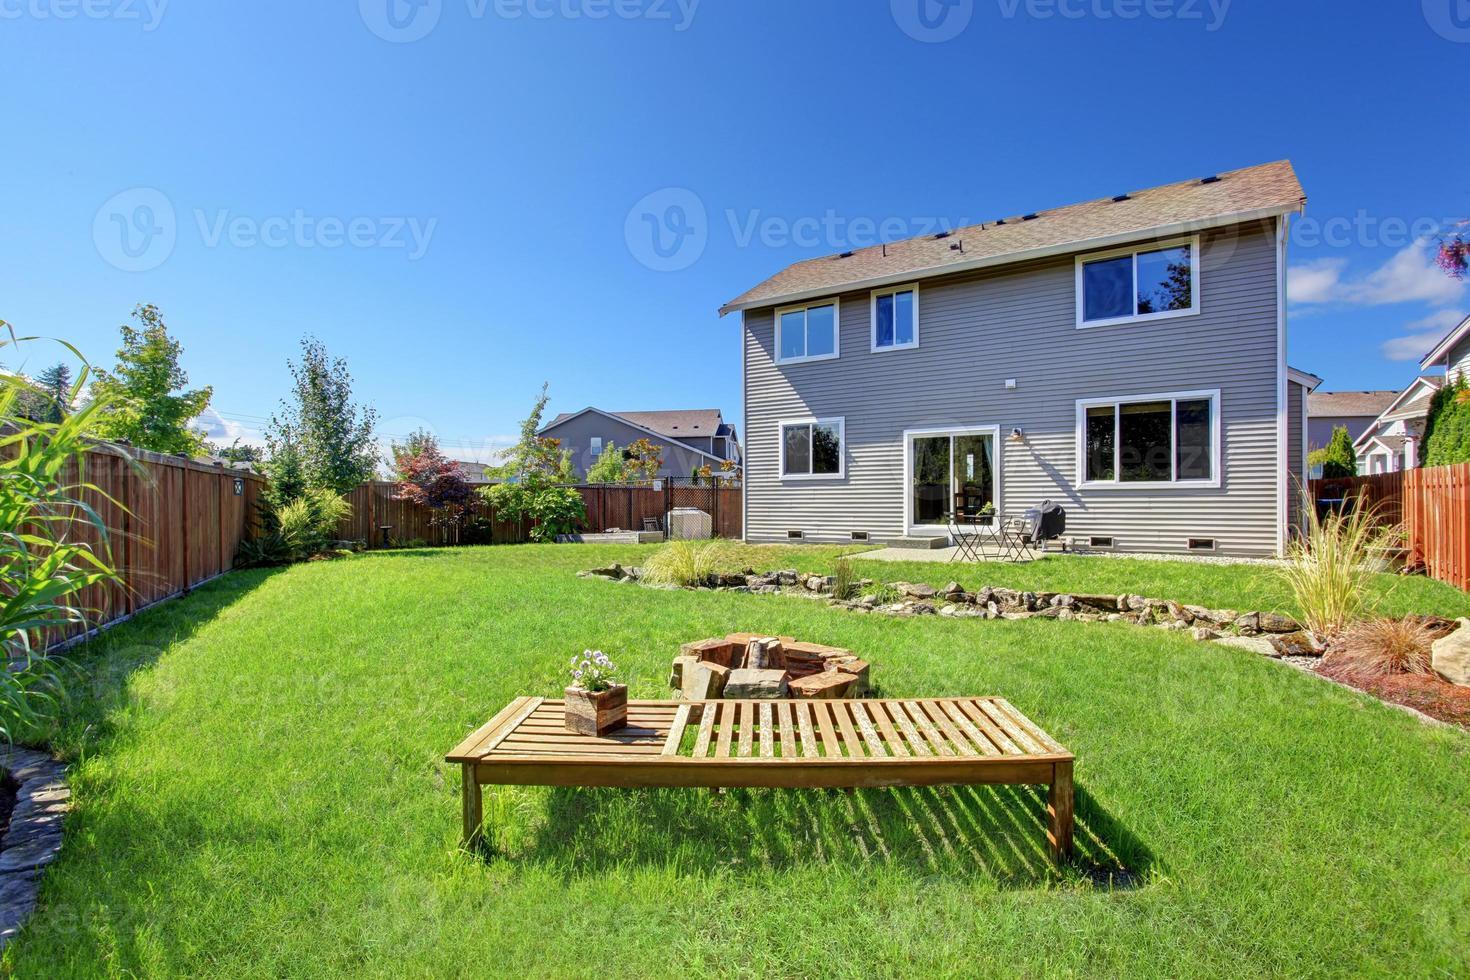 maison avec grande cour arrière et patio photo